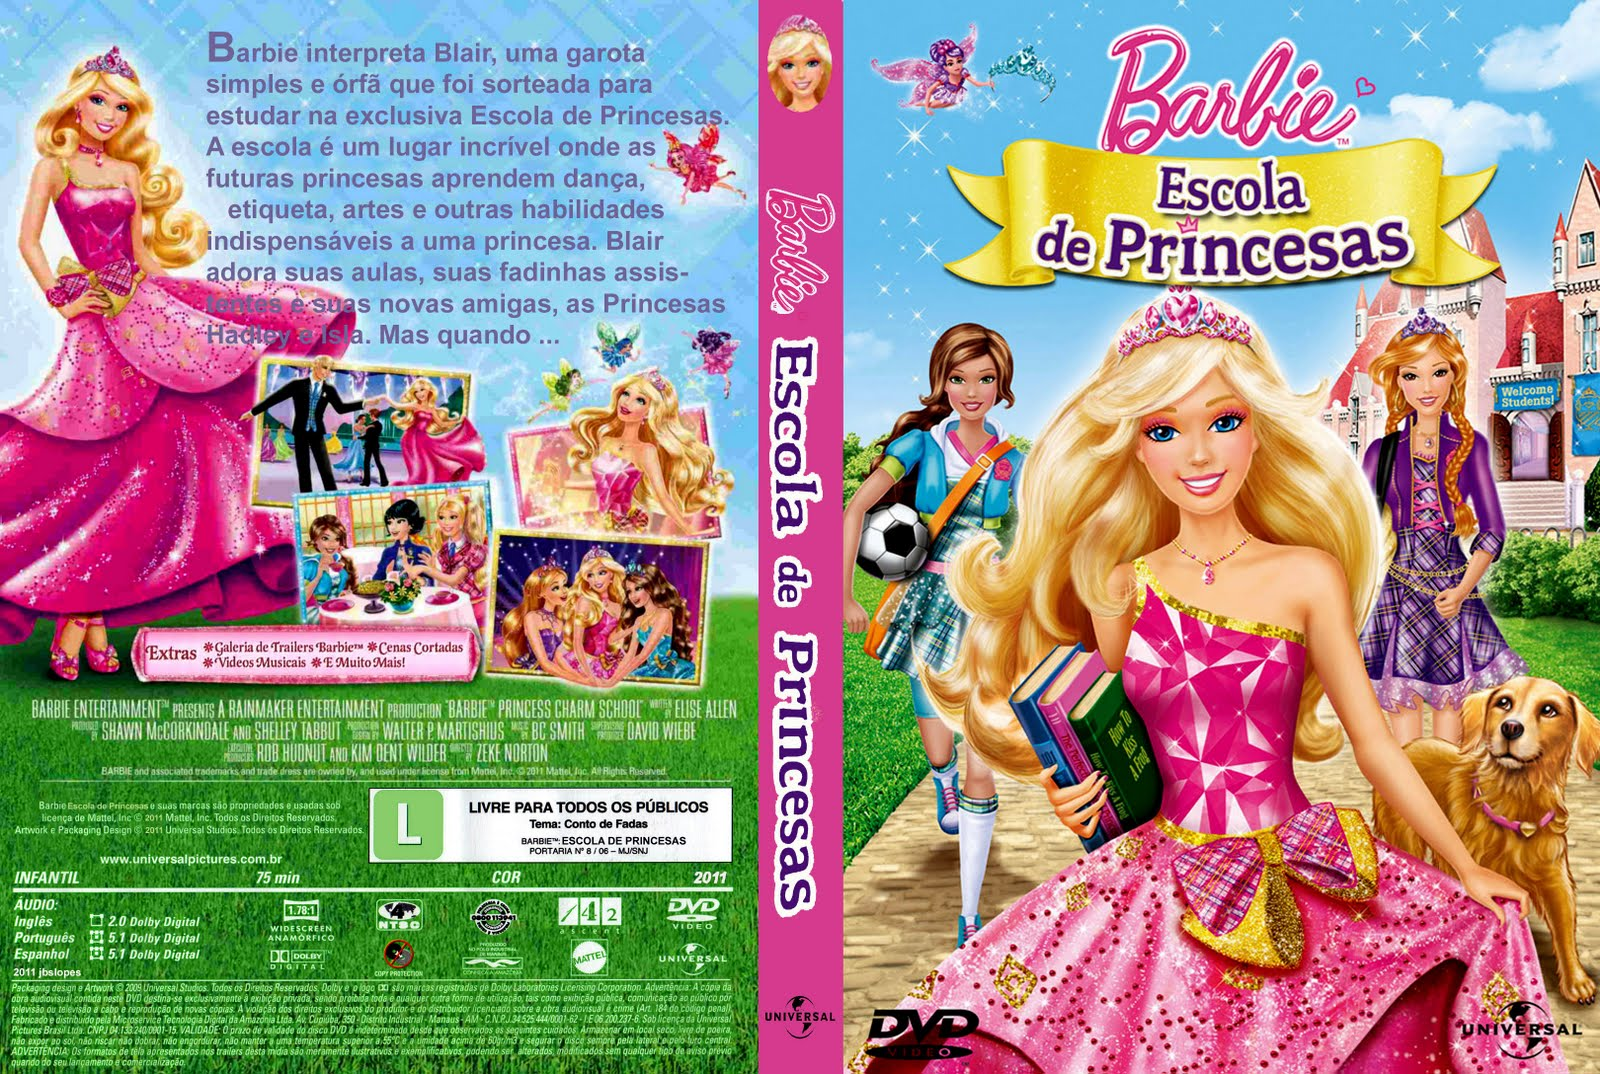 Download Barbie Escola De Princesas AVI Dublado TORRENT